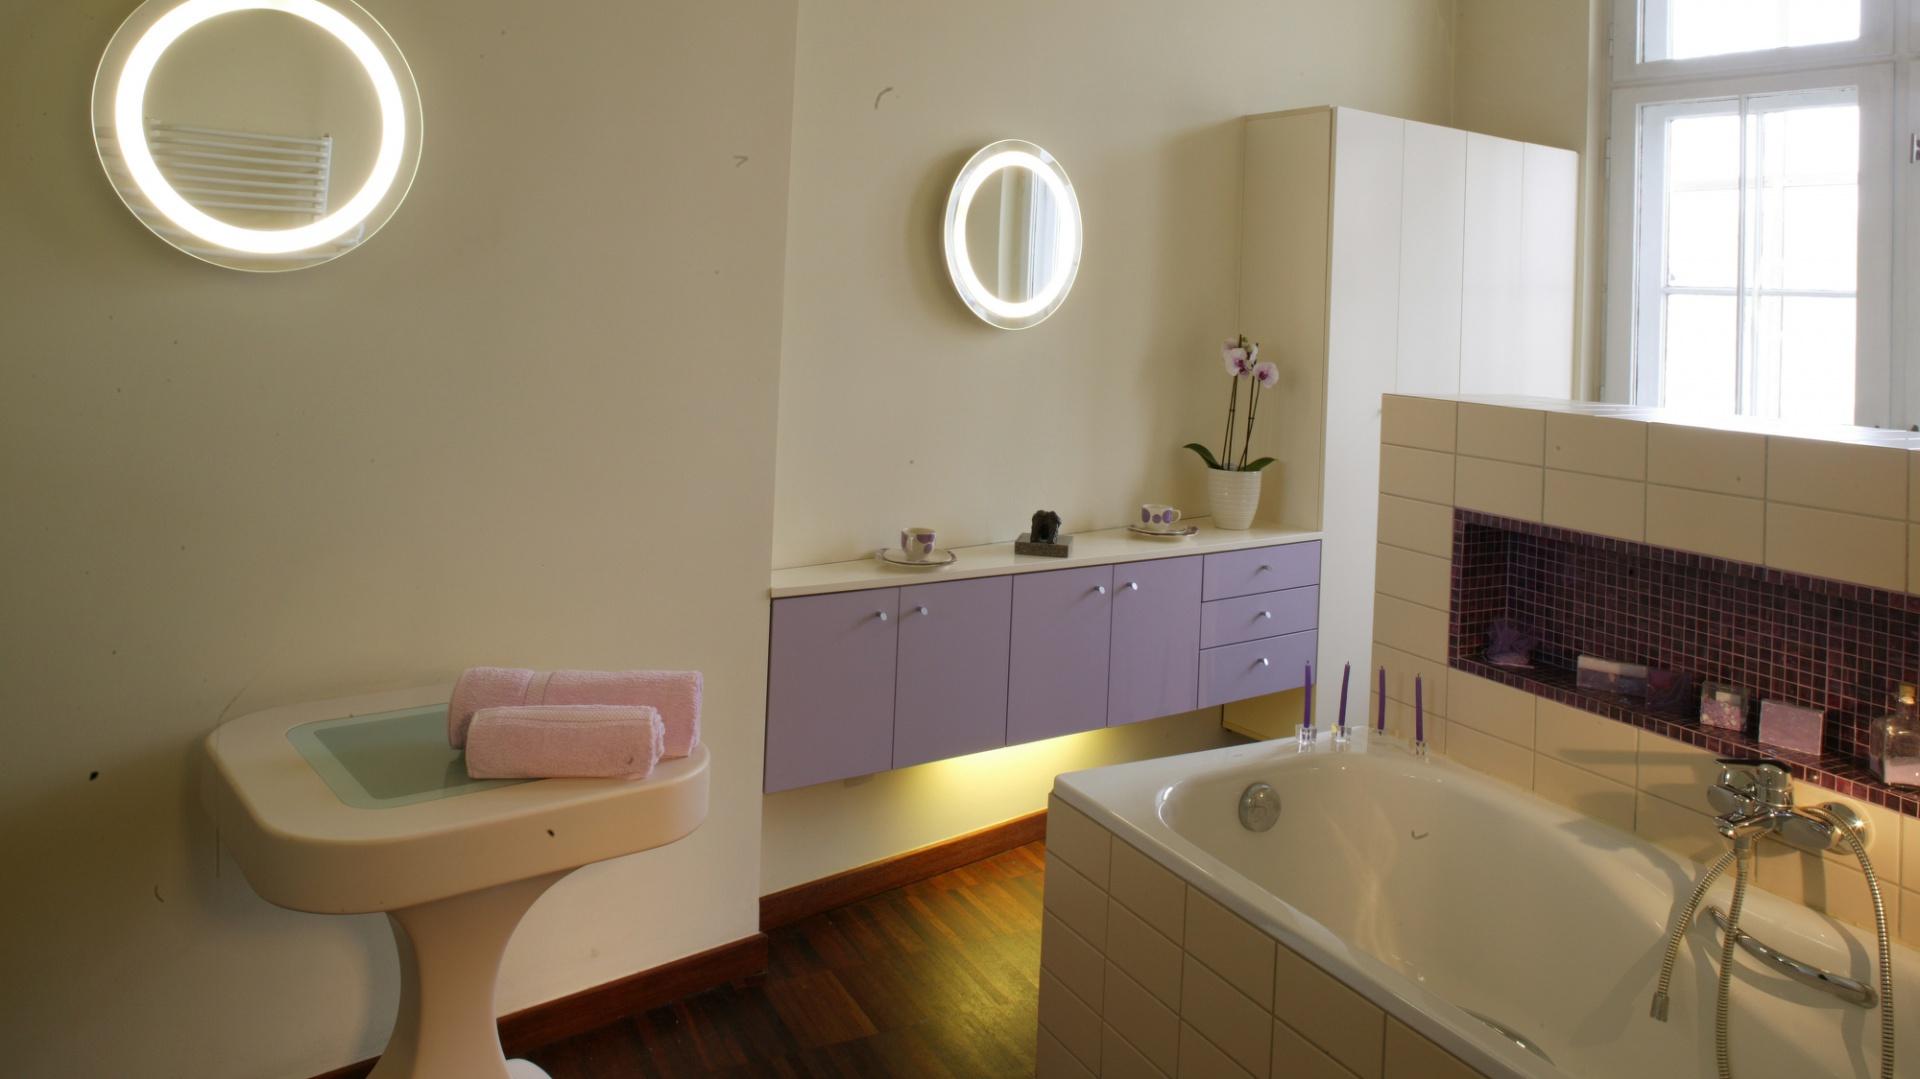 """Rzecz niezbędna w kobiecej łazience: okrągłe lampki-lusterka (""""Mirrorette"""") doskonale oświetlają twarz podczas pielęgnacyjnych zabiegów. Fot. Monika Filipiuk."""